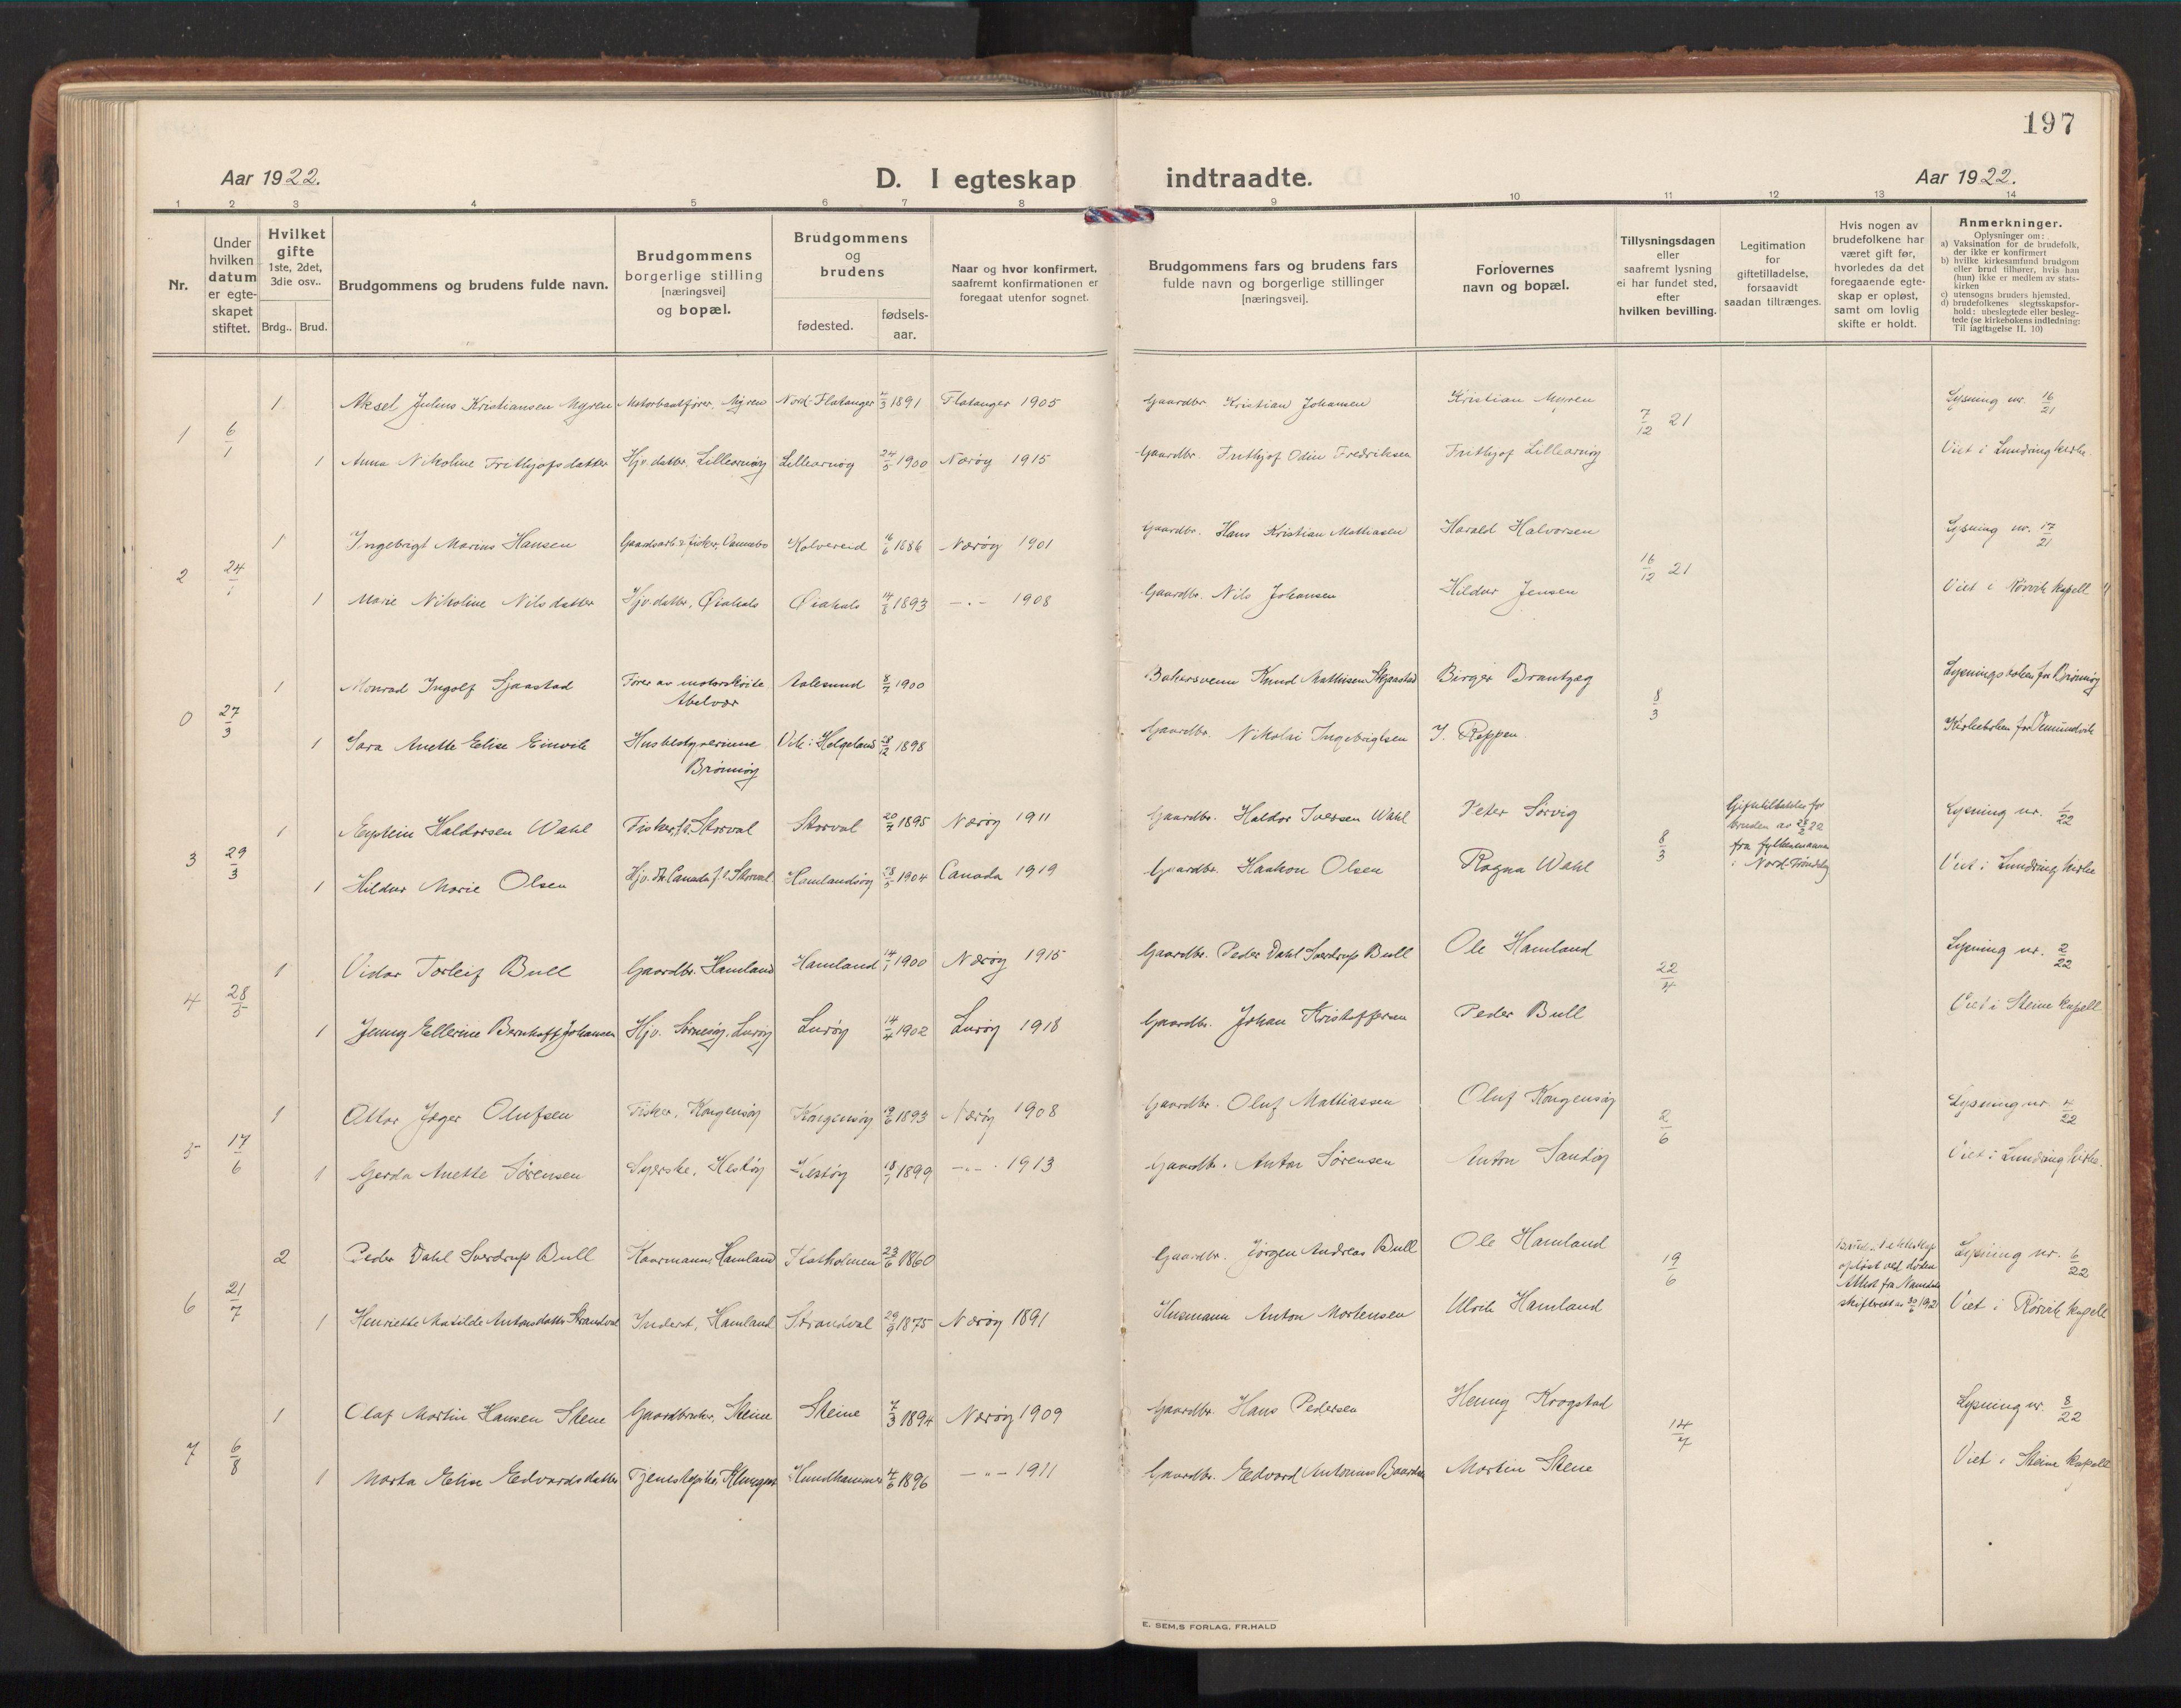 SAT, Ministerialprotokoller, klokkerbøker og fødselsregistre - Nord-Trøndelag, 784/L0678: Ministerialbok nr. 784A13, 1921-1938, s. 197